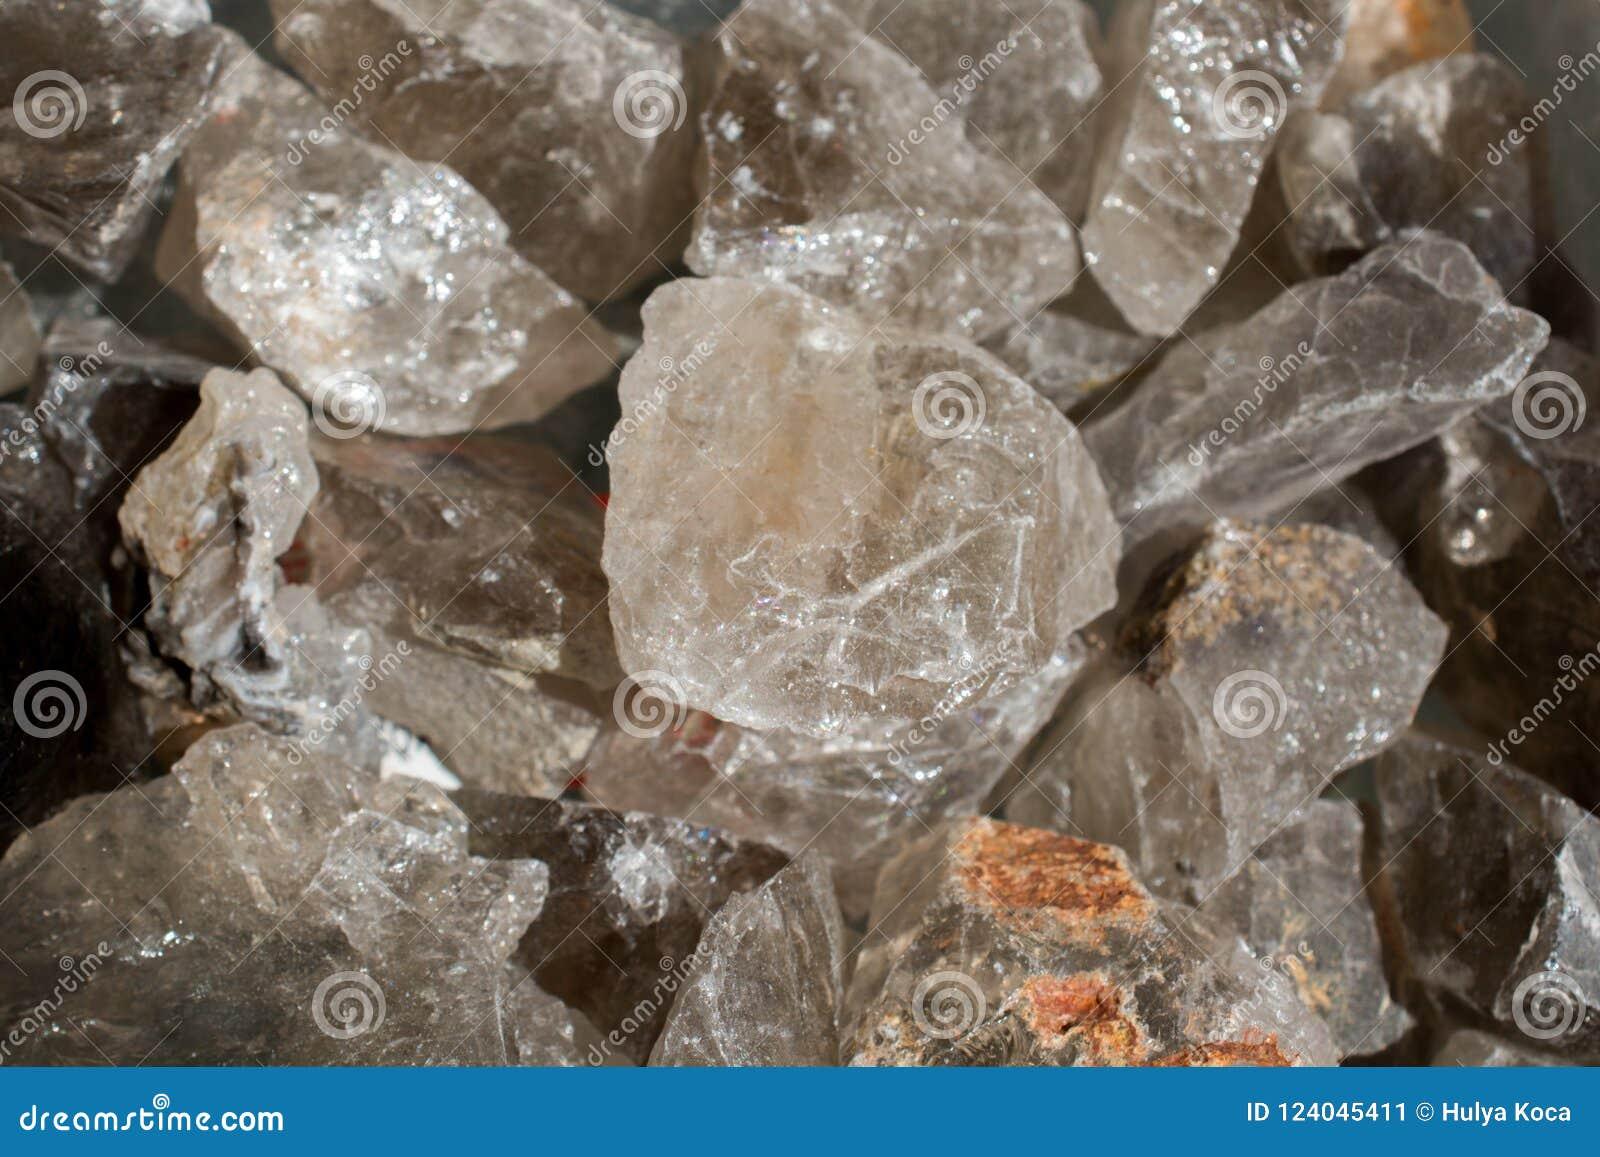 Citrine semigem kamień jako kopaliny skały geody kryształy